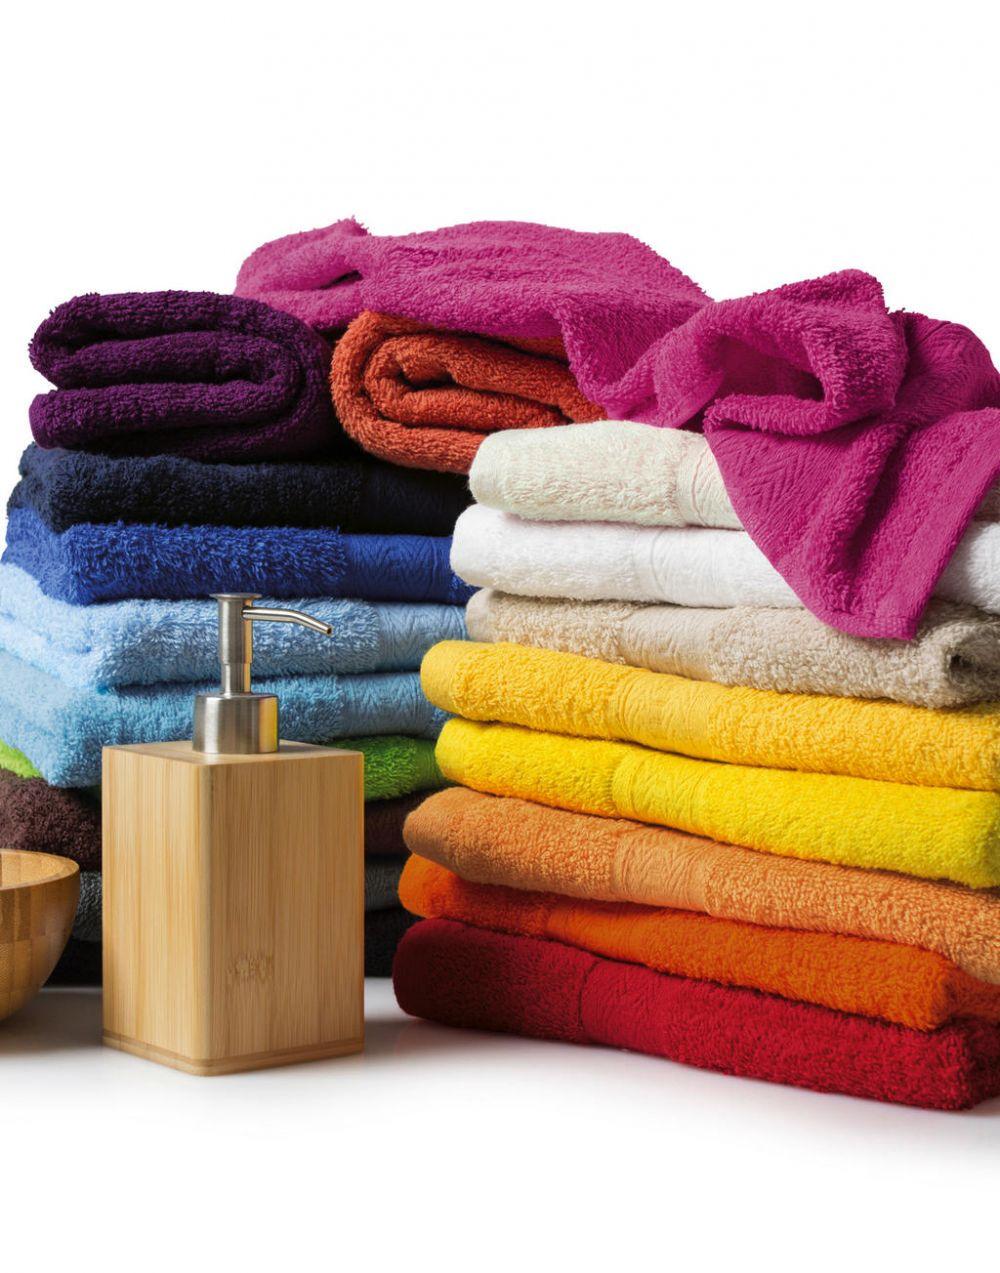 Toallas y albornoces towels by jassz de invitados rhine 30x50 cm con publicidad vista 2